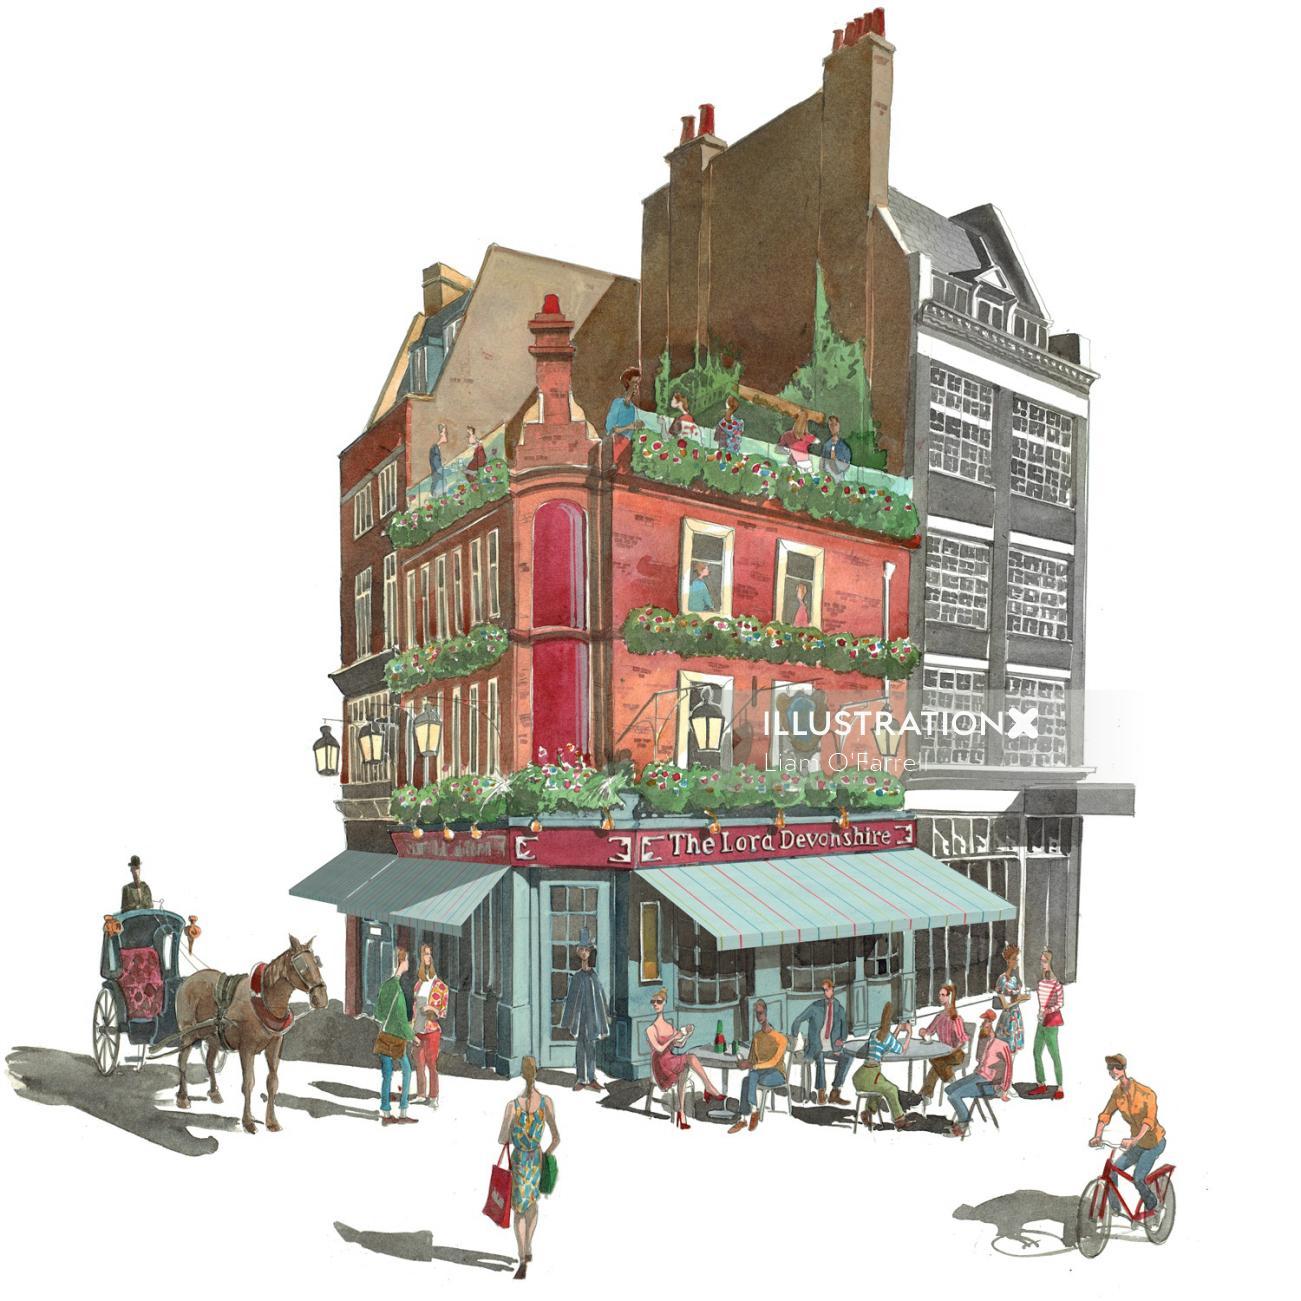 #architecture #Pub #restaurant